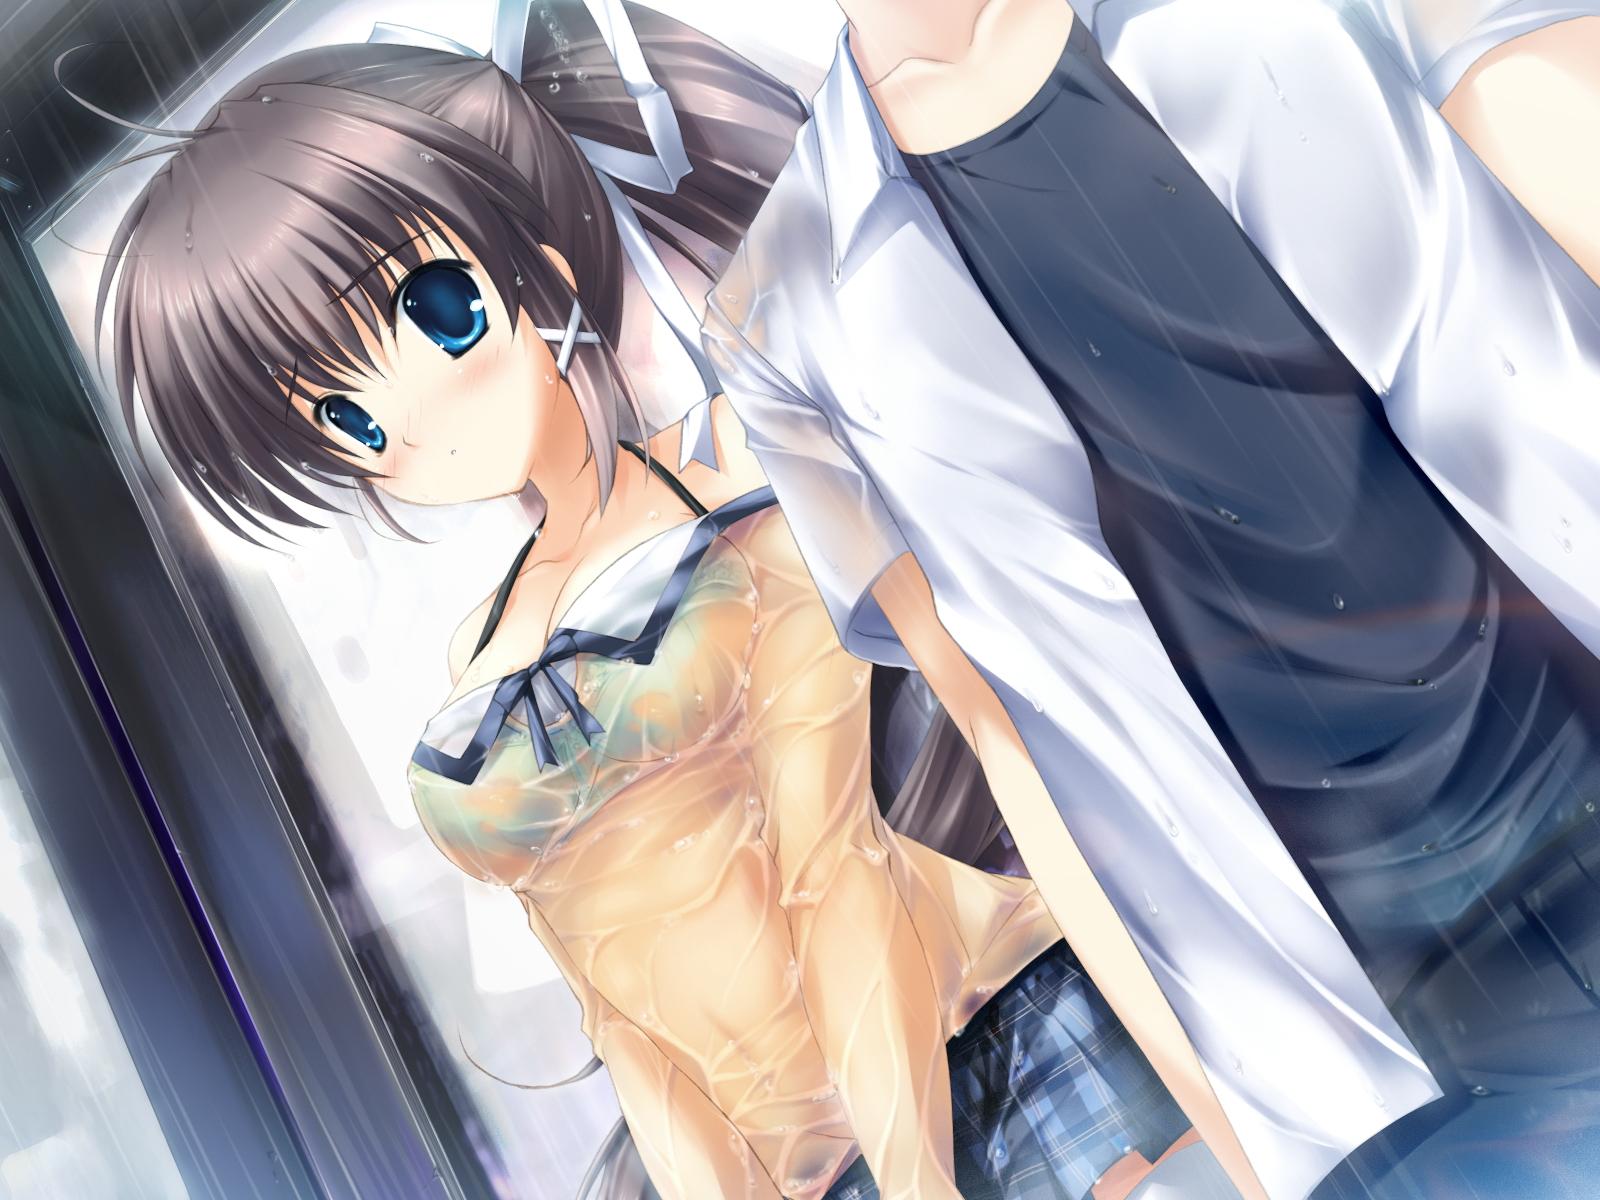 http://2.bp.blogspot.com/-G5zBP3iu4hI/T03sgsORAfI/AAAAAAAAEi8/Q3q6TsSNO8A/s1600/63295-blush-bra-kiss_x_demon_lord_x_darjeeling-mikeou-see_through-thighhighs-wet-yashiro_tsubasa.jpg